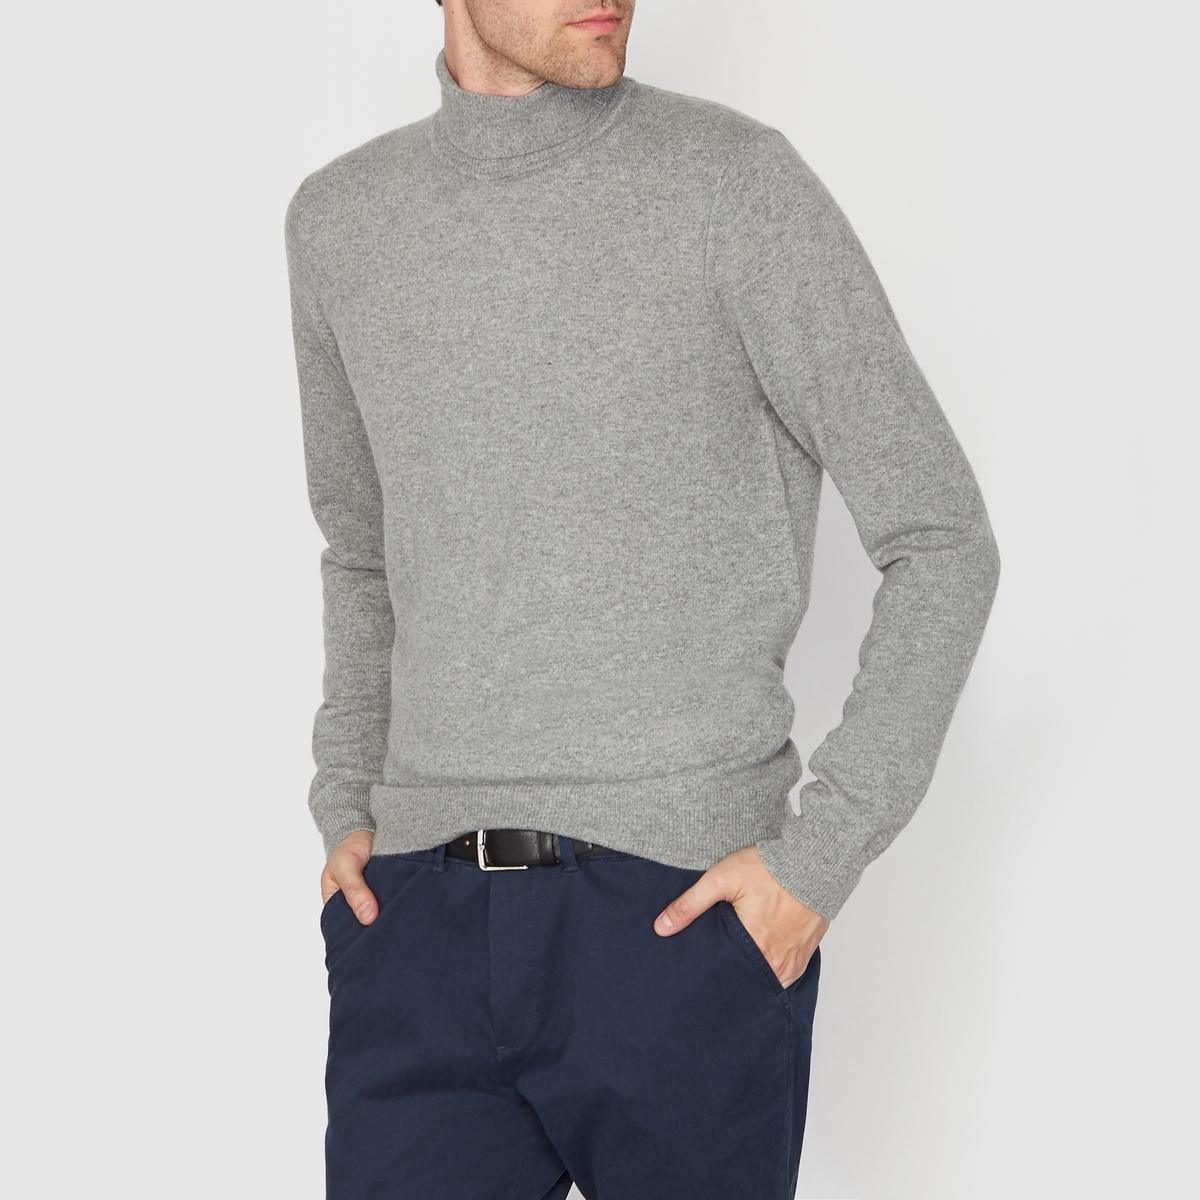 Пуловер с высоким воротником, 100% кашемираСостав и описаниеМатериал: 100% кашемира.Длина: 66 см.Марка: R essentiel.<br><br>Цвет: темно-синий<br>Размер: S